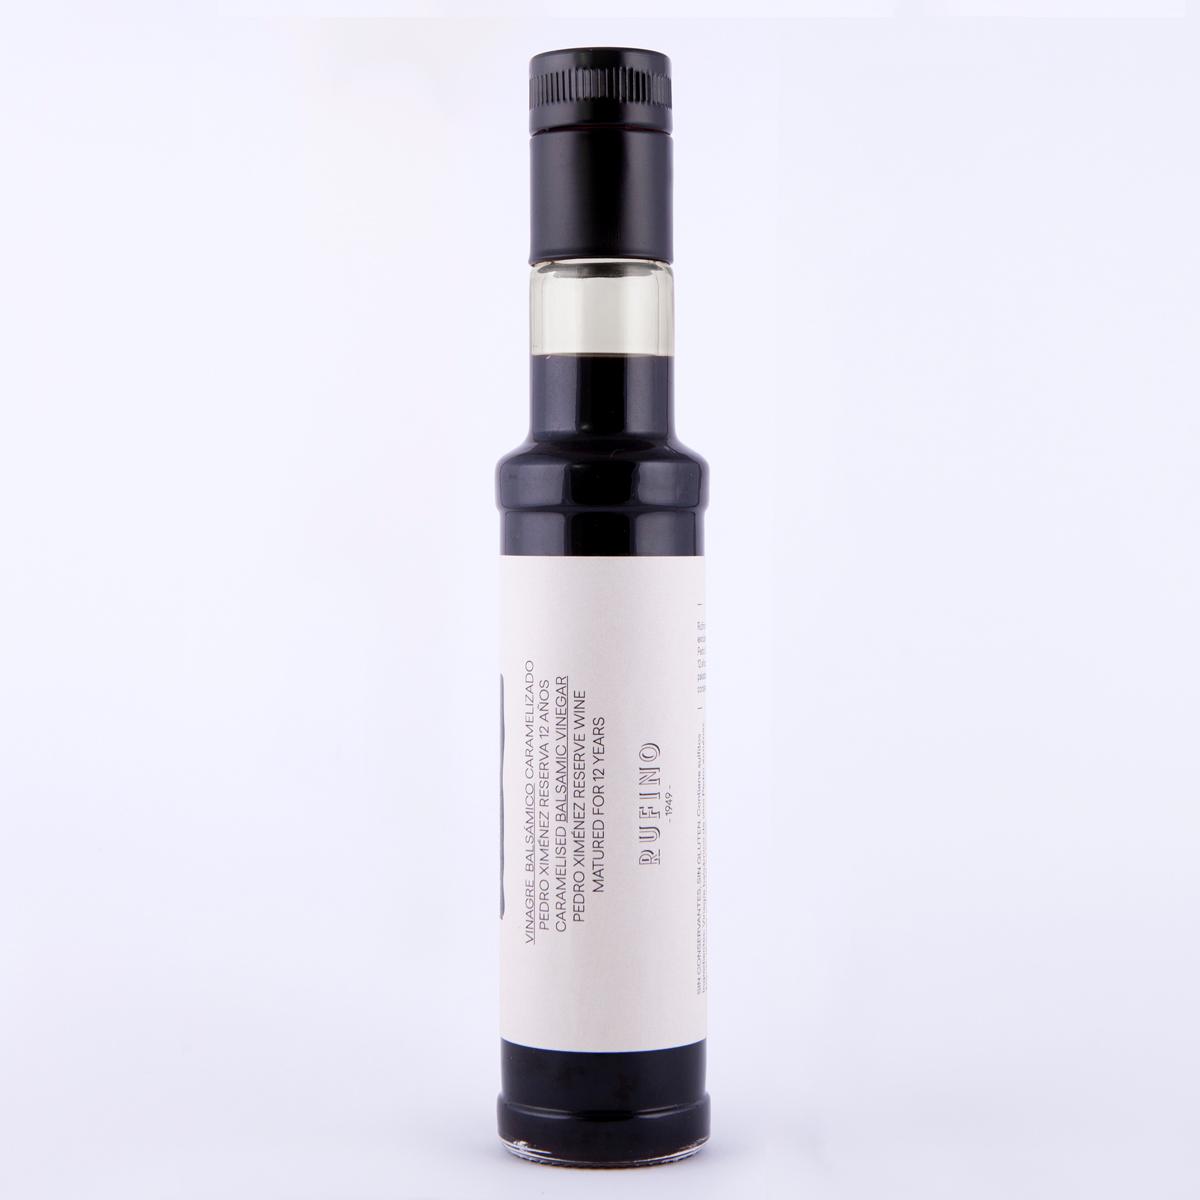 vinagre-rufino